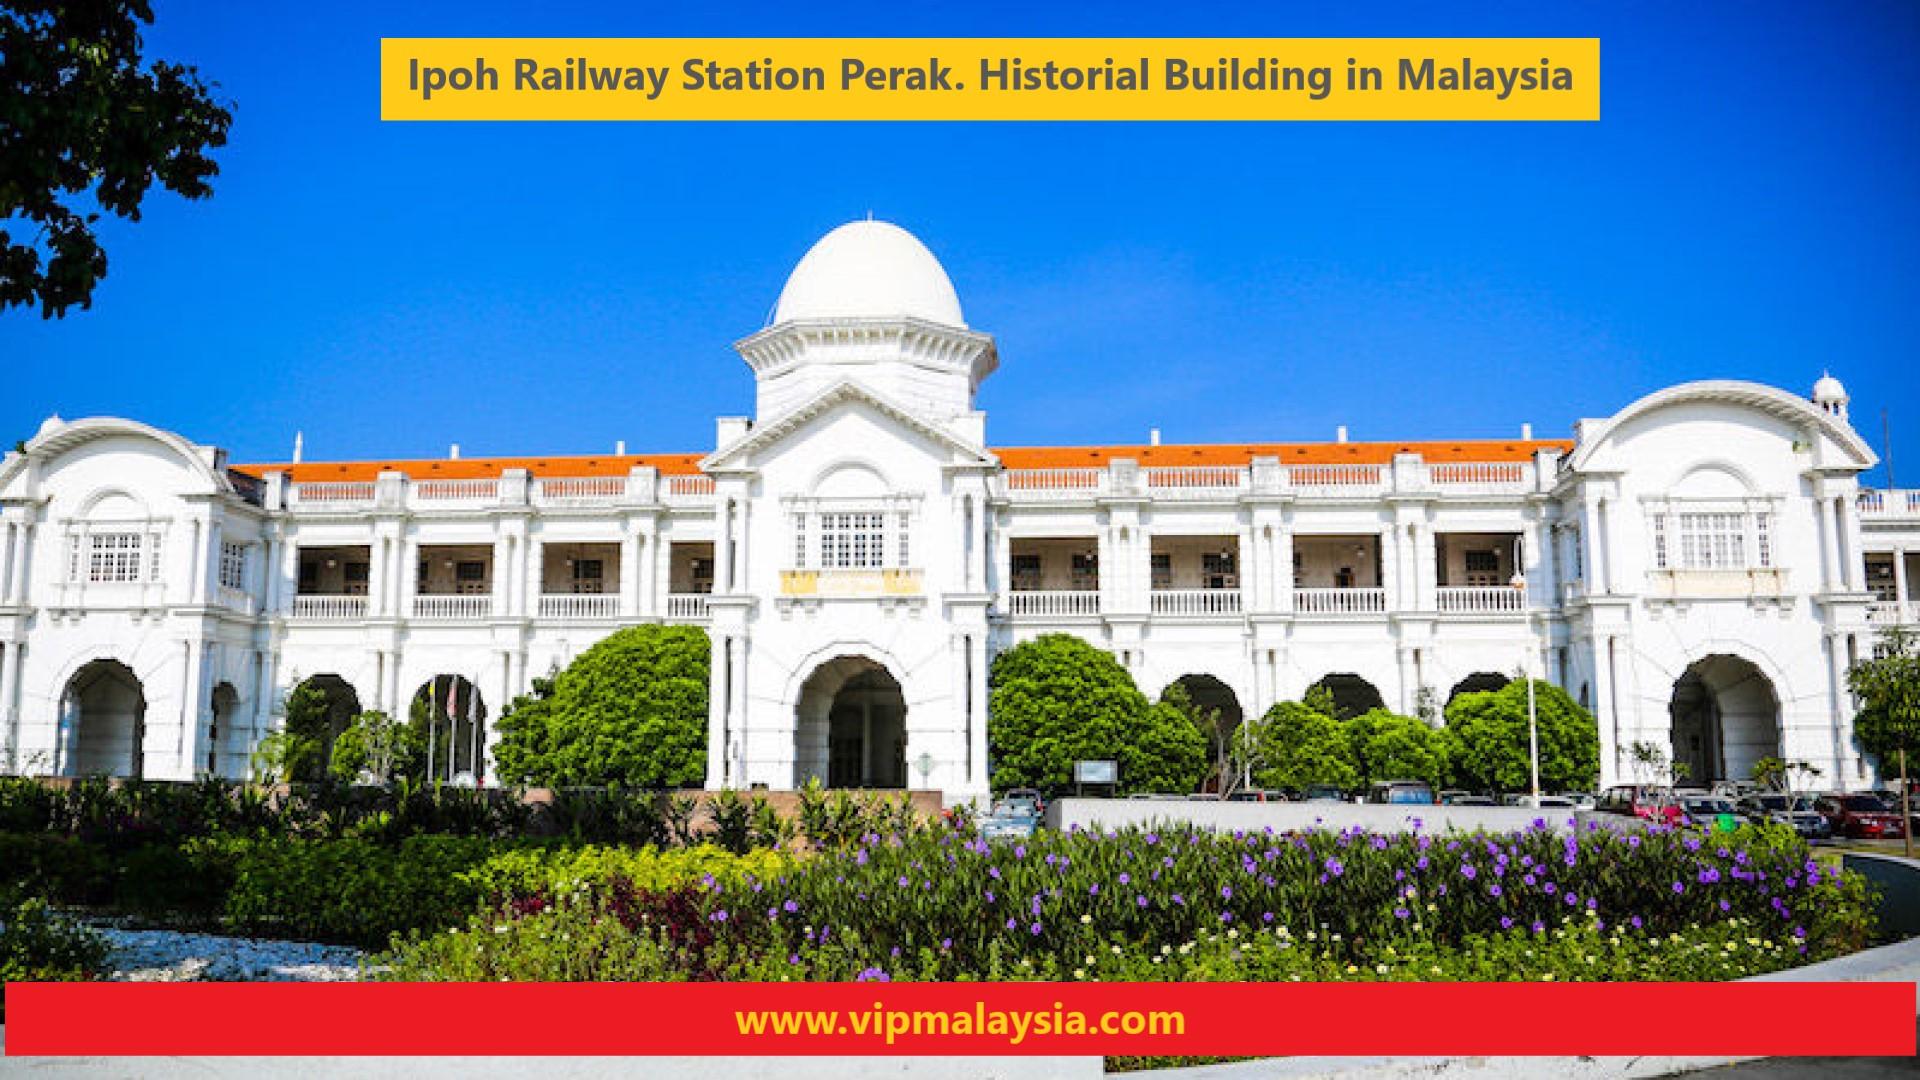 Stesen KTM Ipoh Railway Station Perak Malaysia